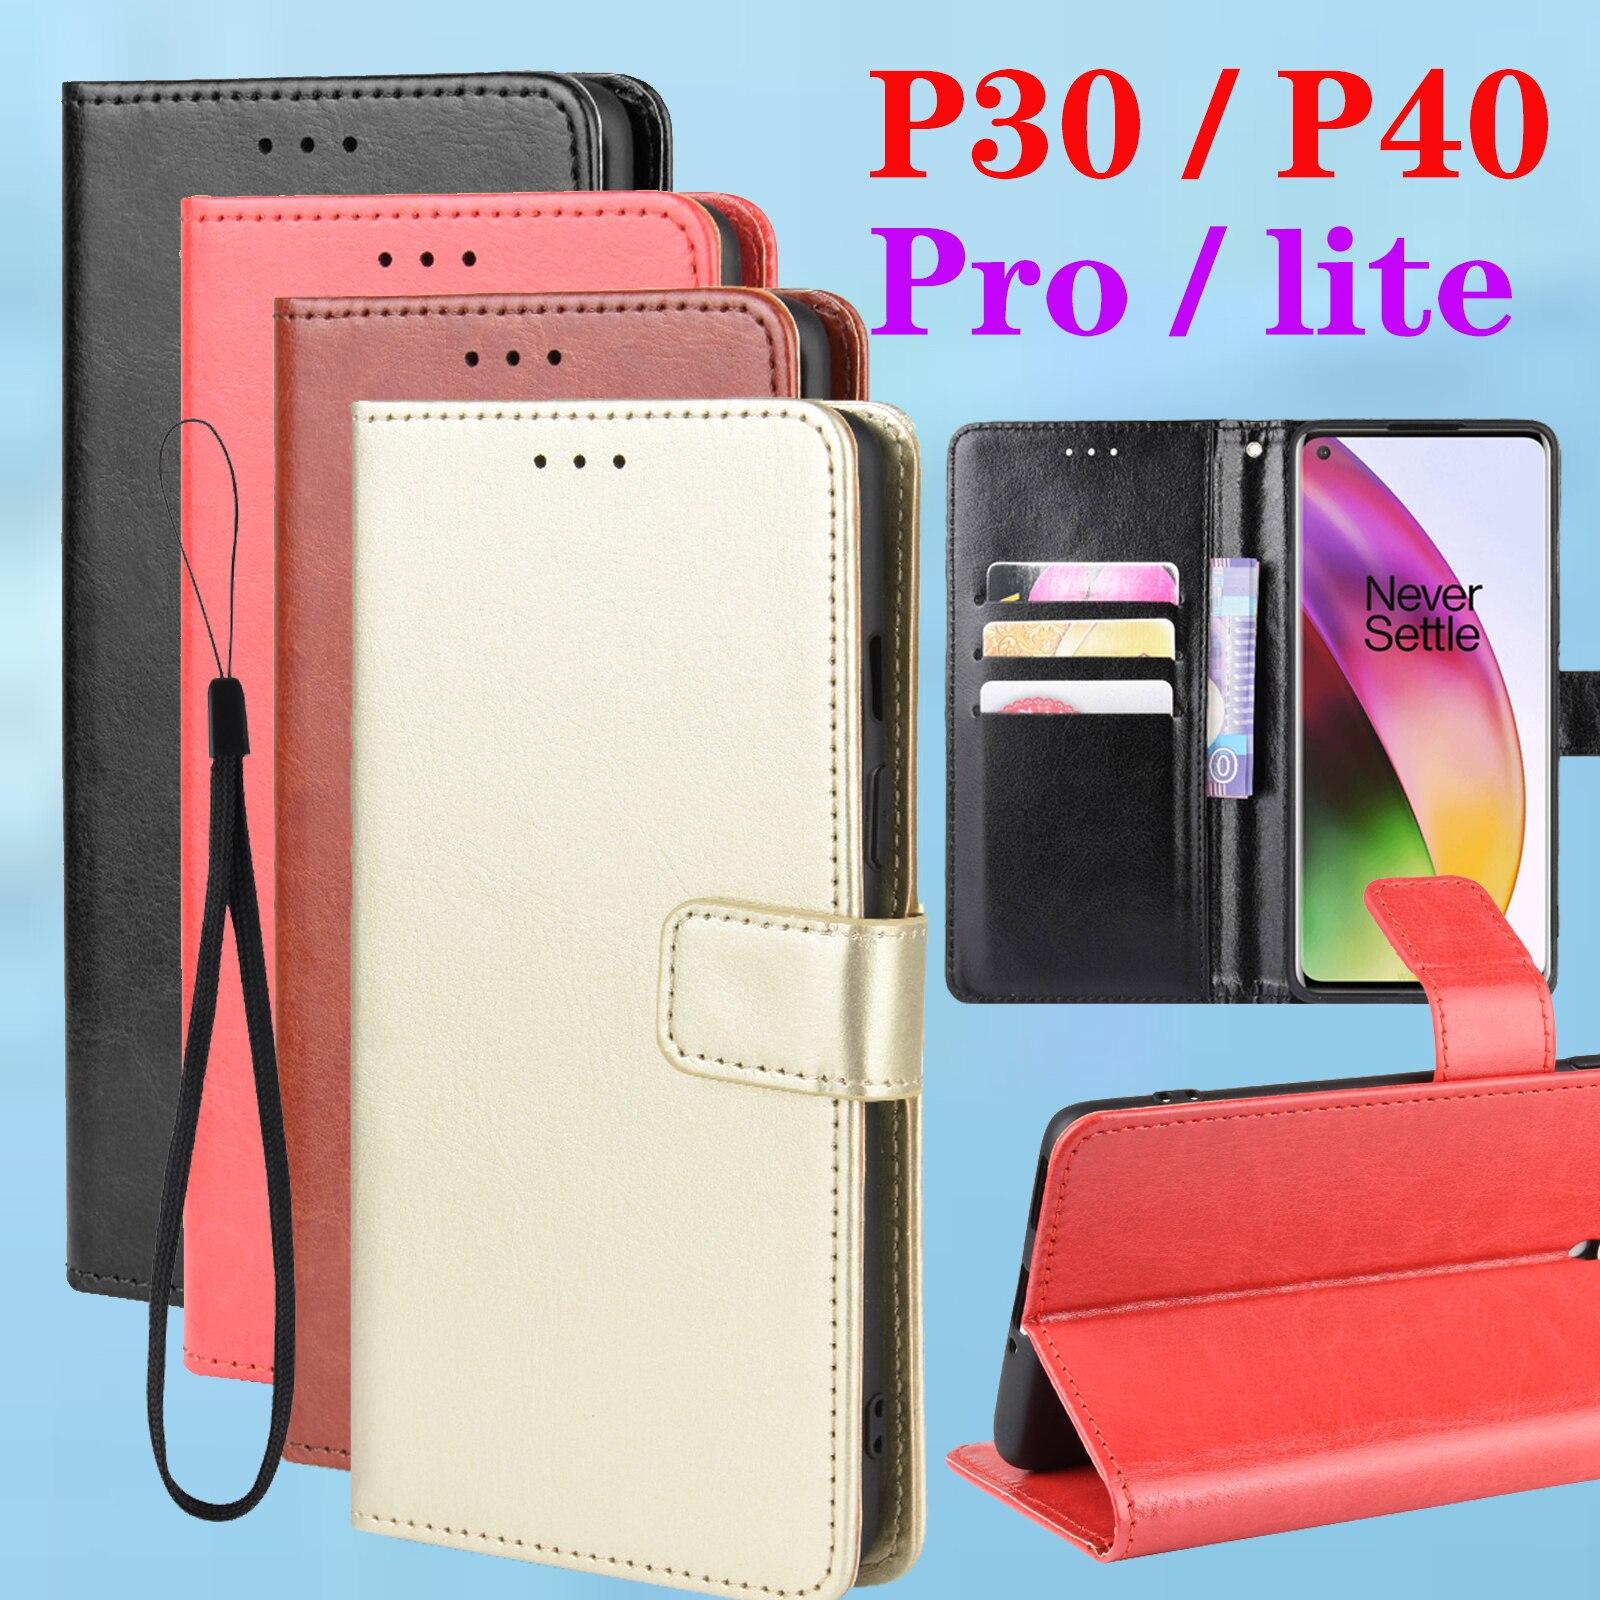 עבור Huawei p40 לייט מקרה p30 פרו flip p30lite p30prop40pro אור huavei coque p40lite funda טלפון p 40 30 כיסוי ארנק פגוש